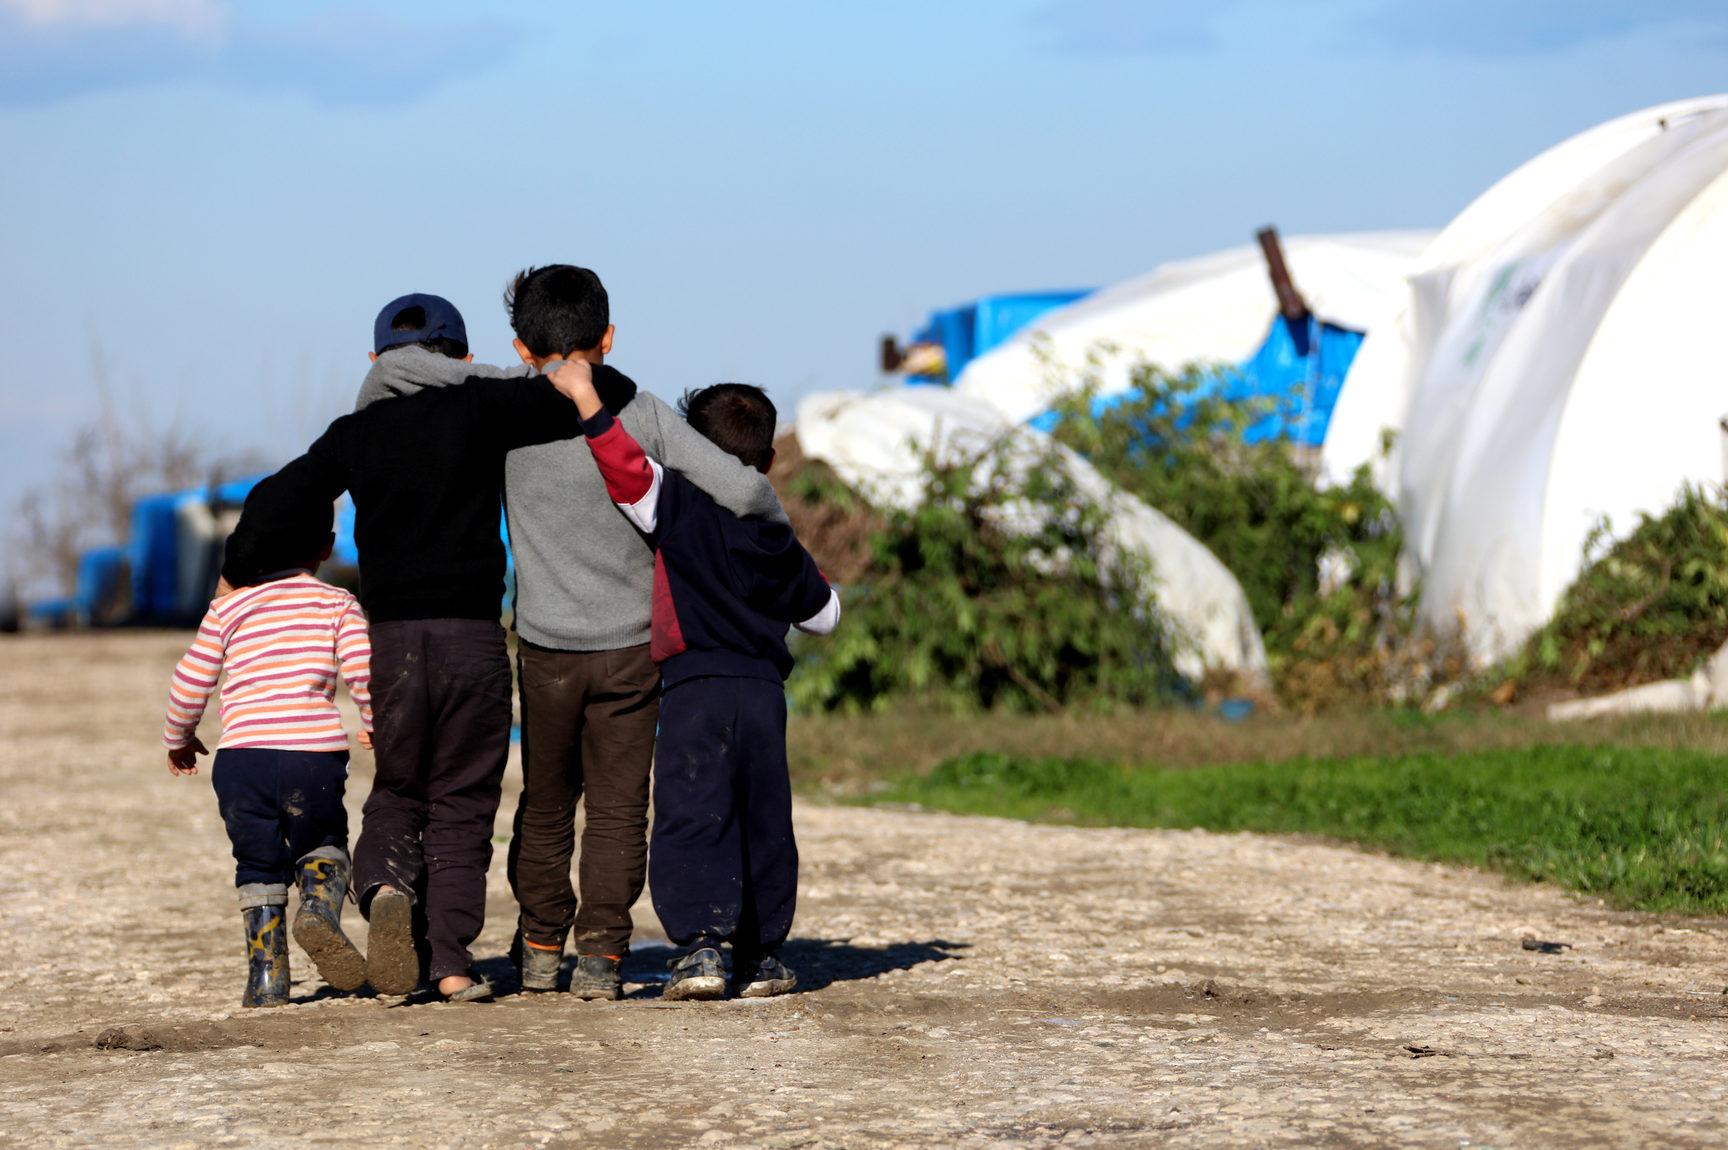 Europäischer Gerichtshof stärkt Schutz für minderjährige Migranten